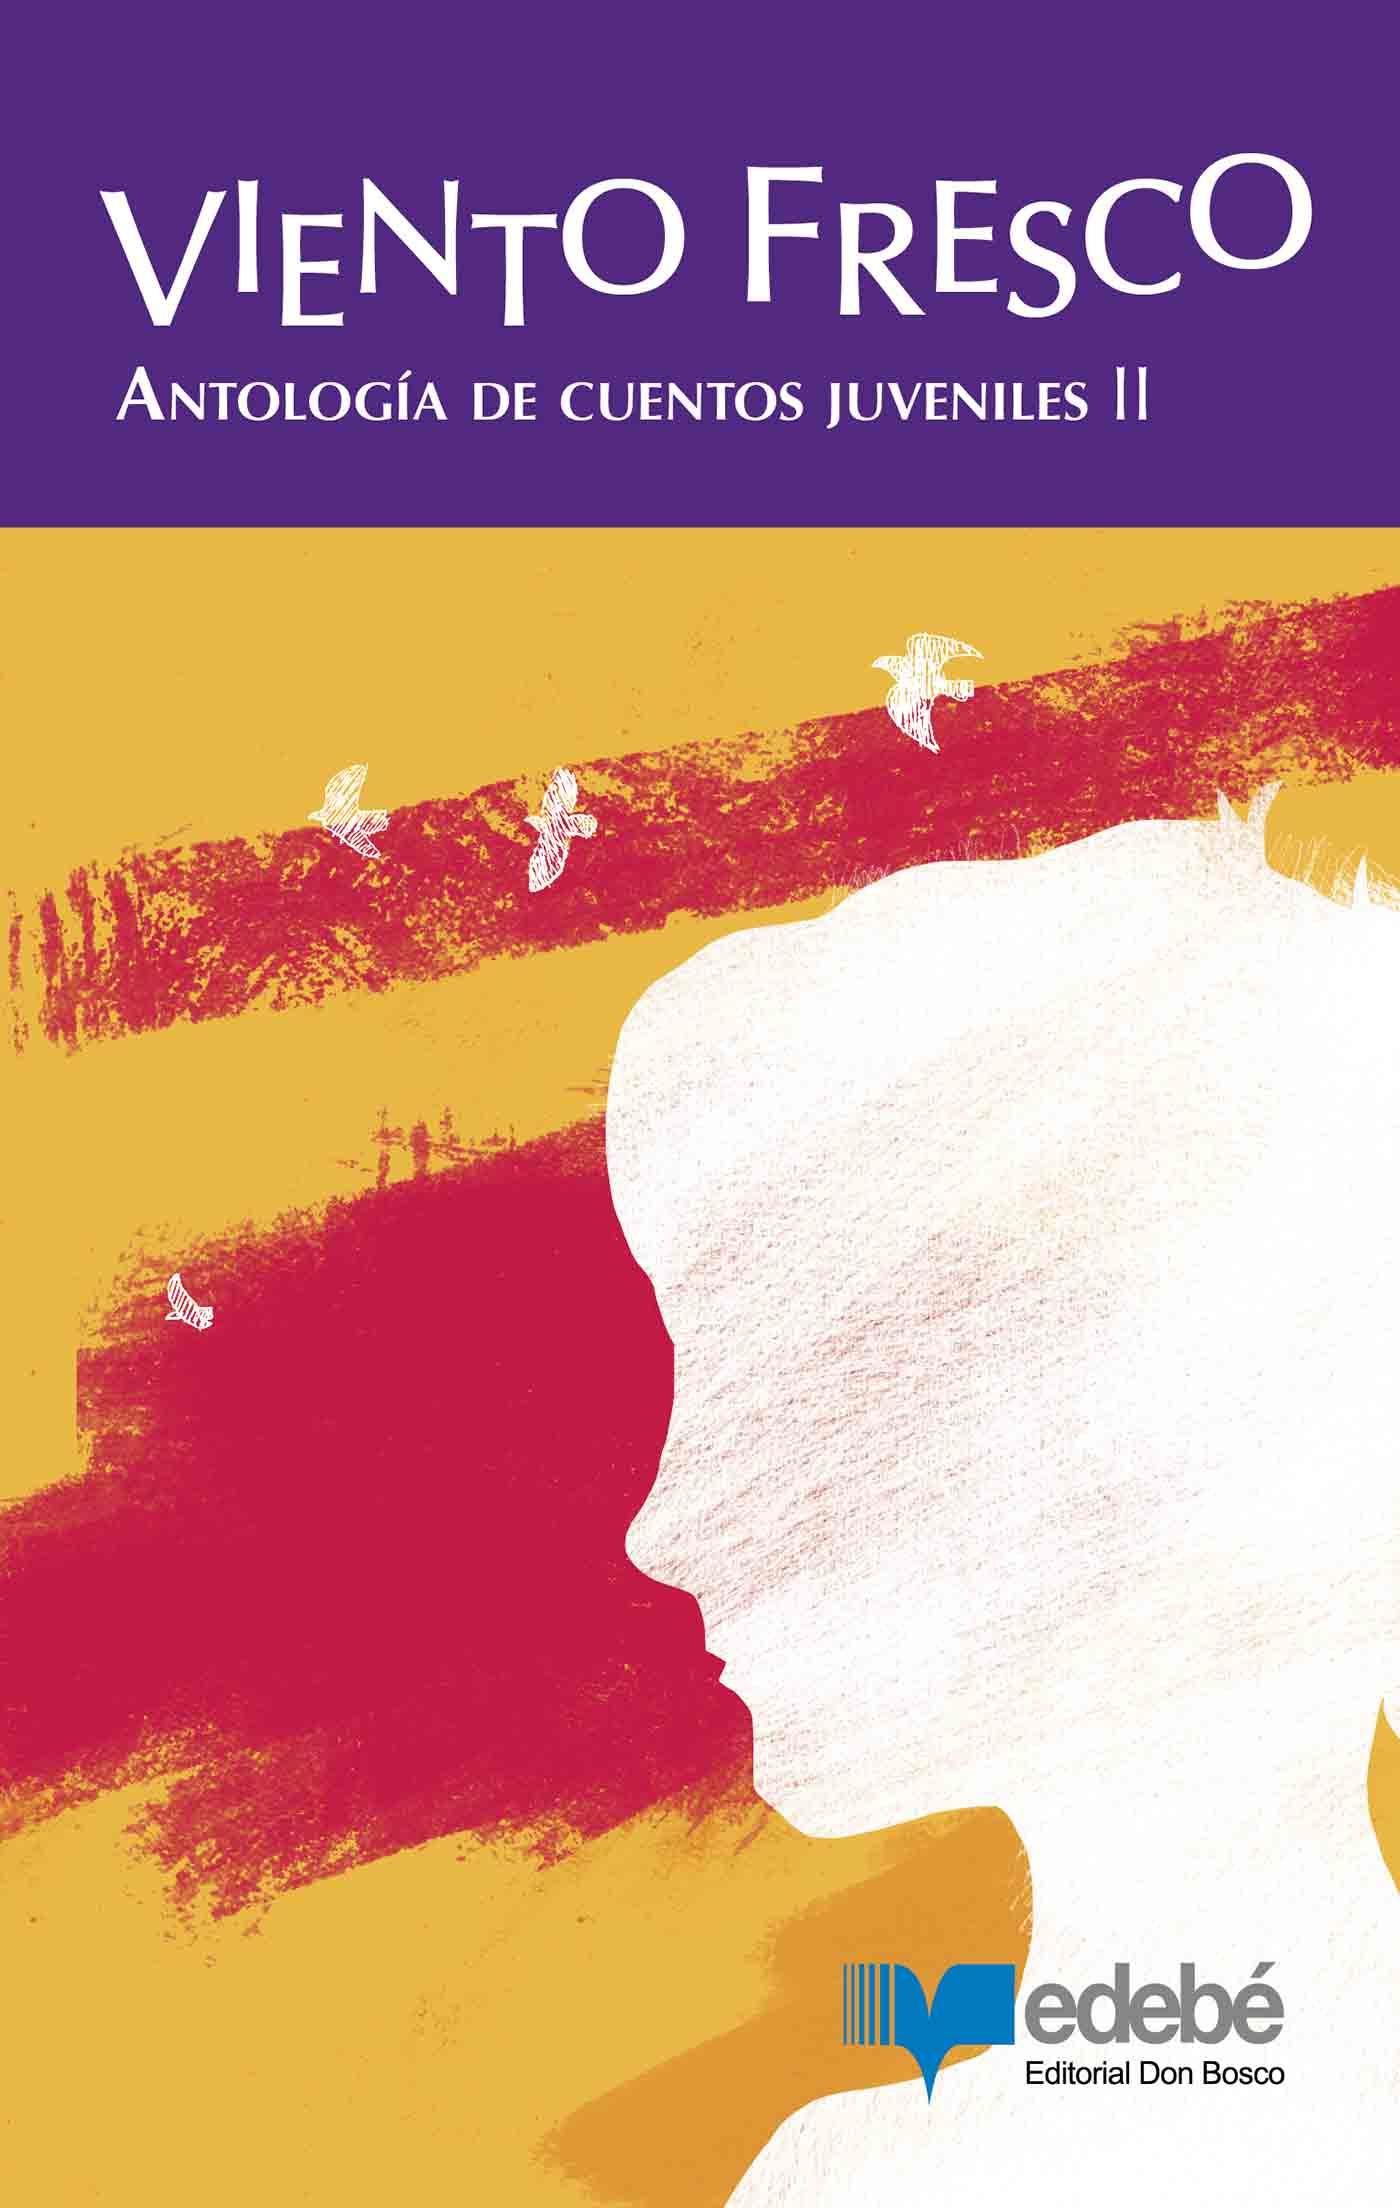 Viento fresco : Antología de cuentos juveniles II